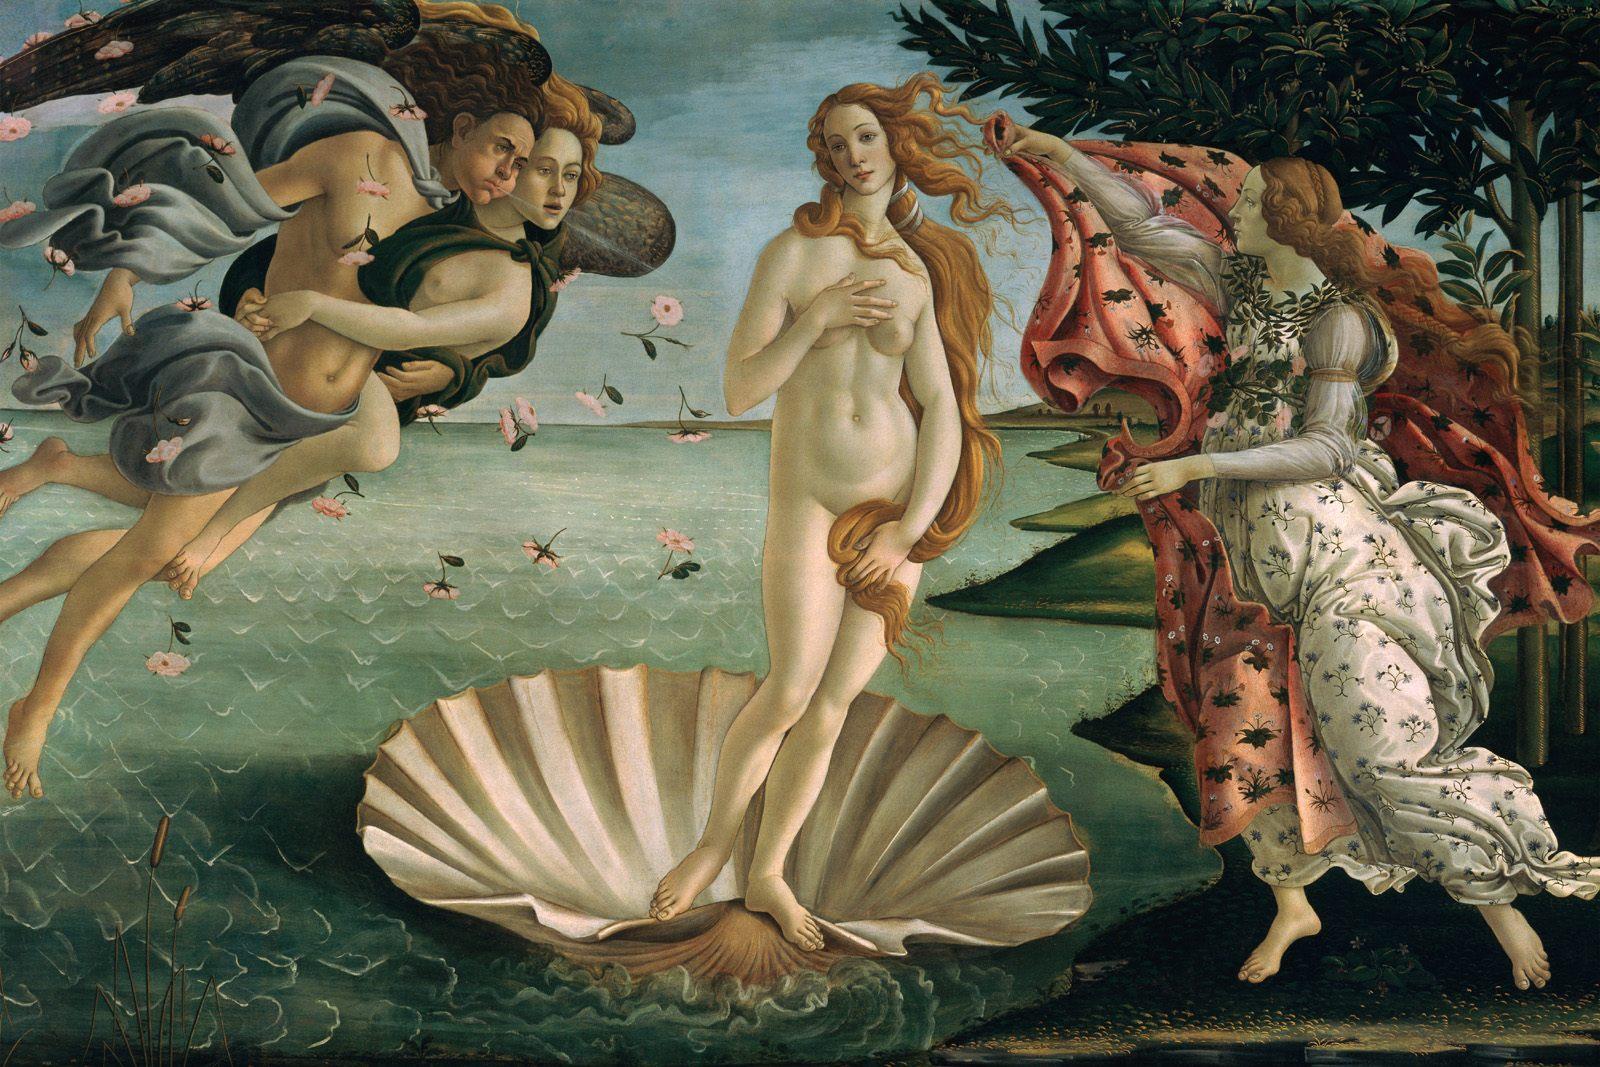 Sandro Botticelli (Alessandro di Mariano di Vanni Filipepi), The Birth of Venus (c 1486), tempera on canvas, 172.5 x 278.9 cm, Galleria degli Uffizi, Florence. WikiArt.